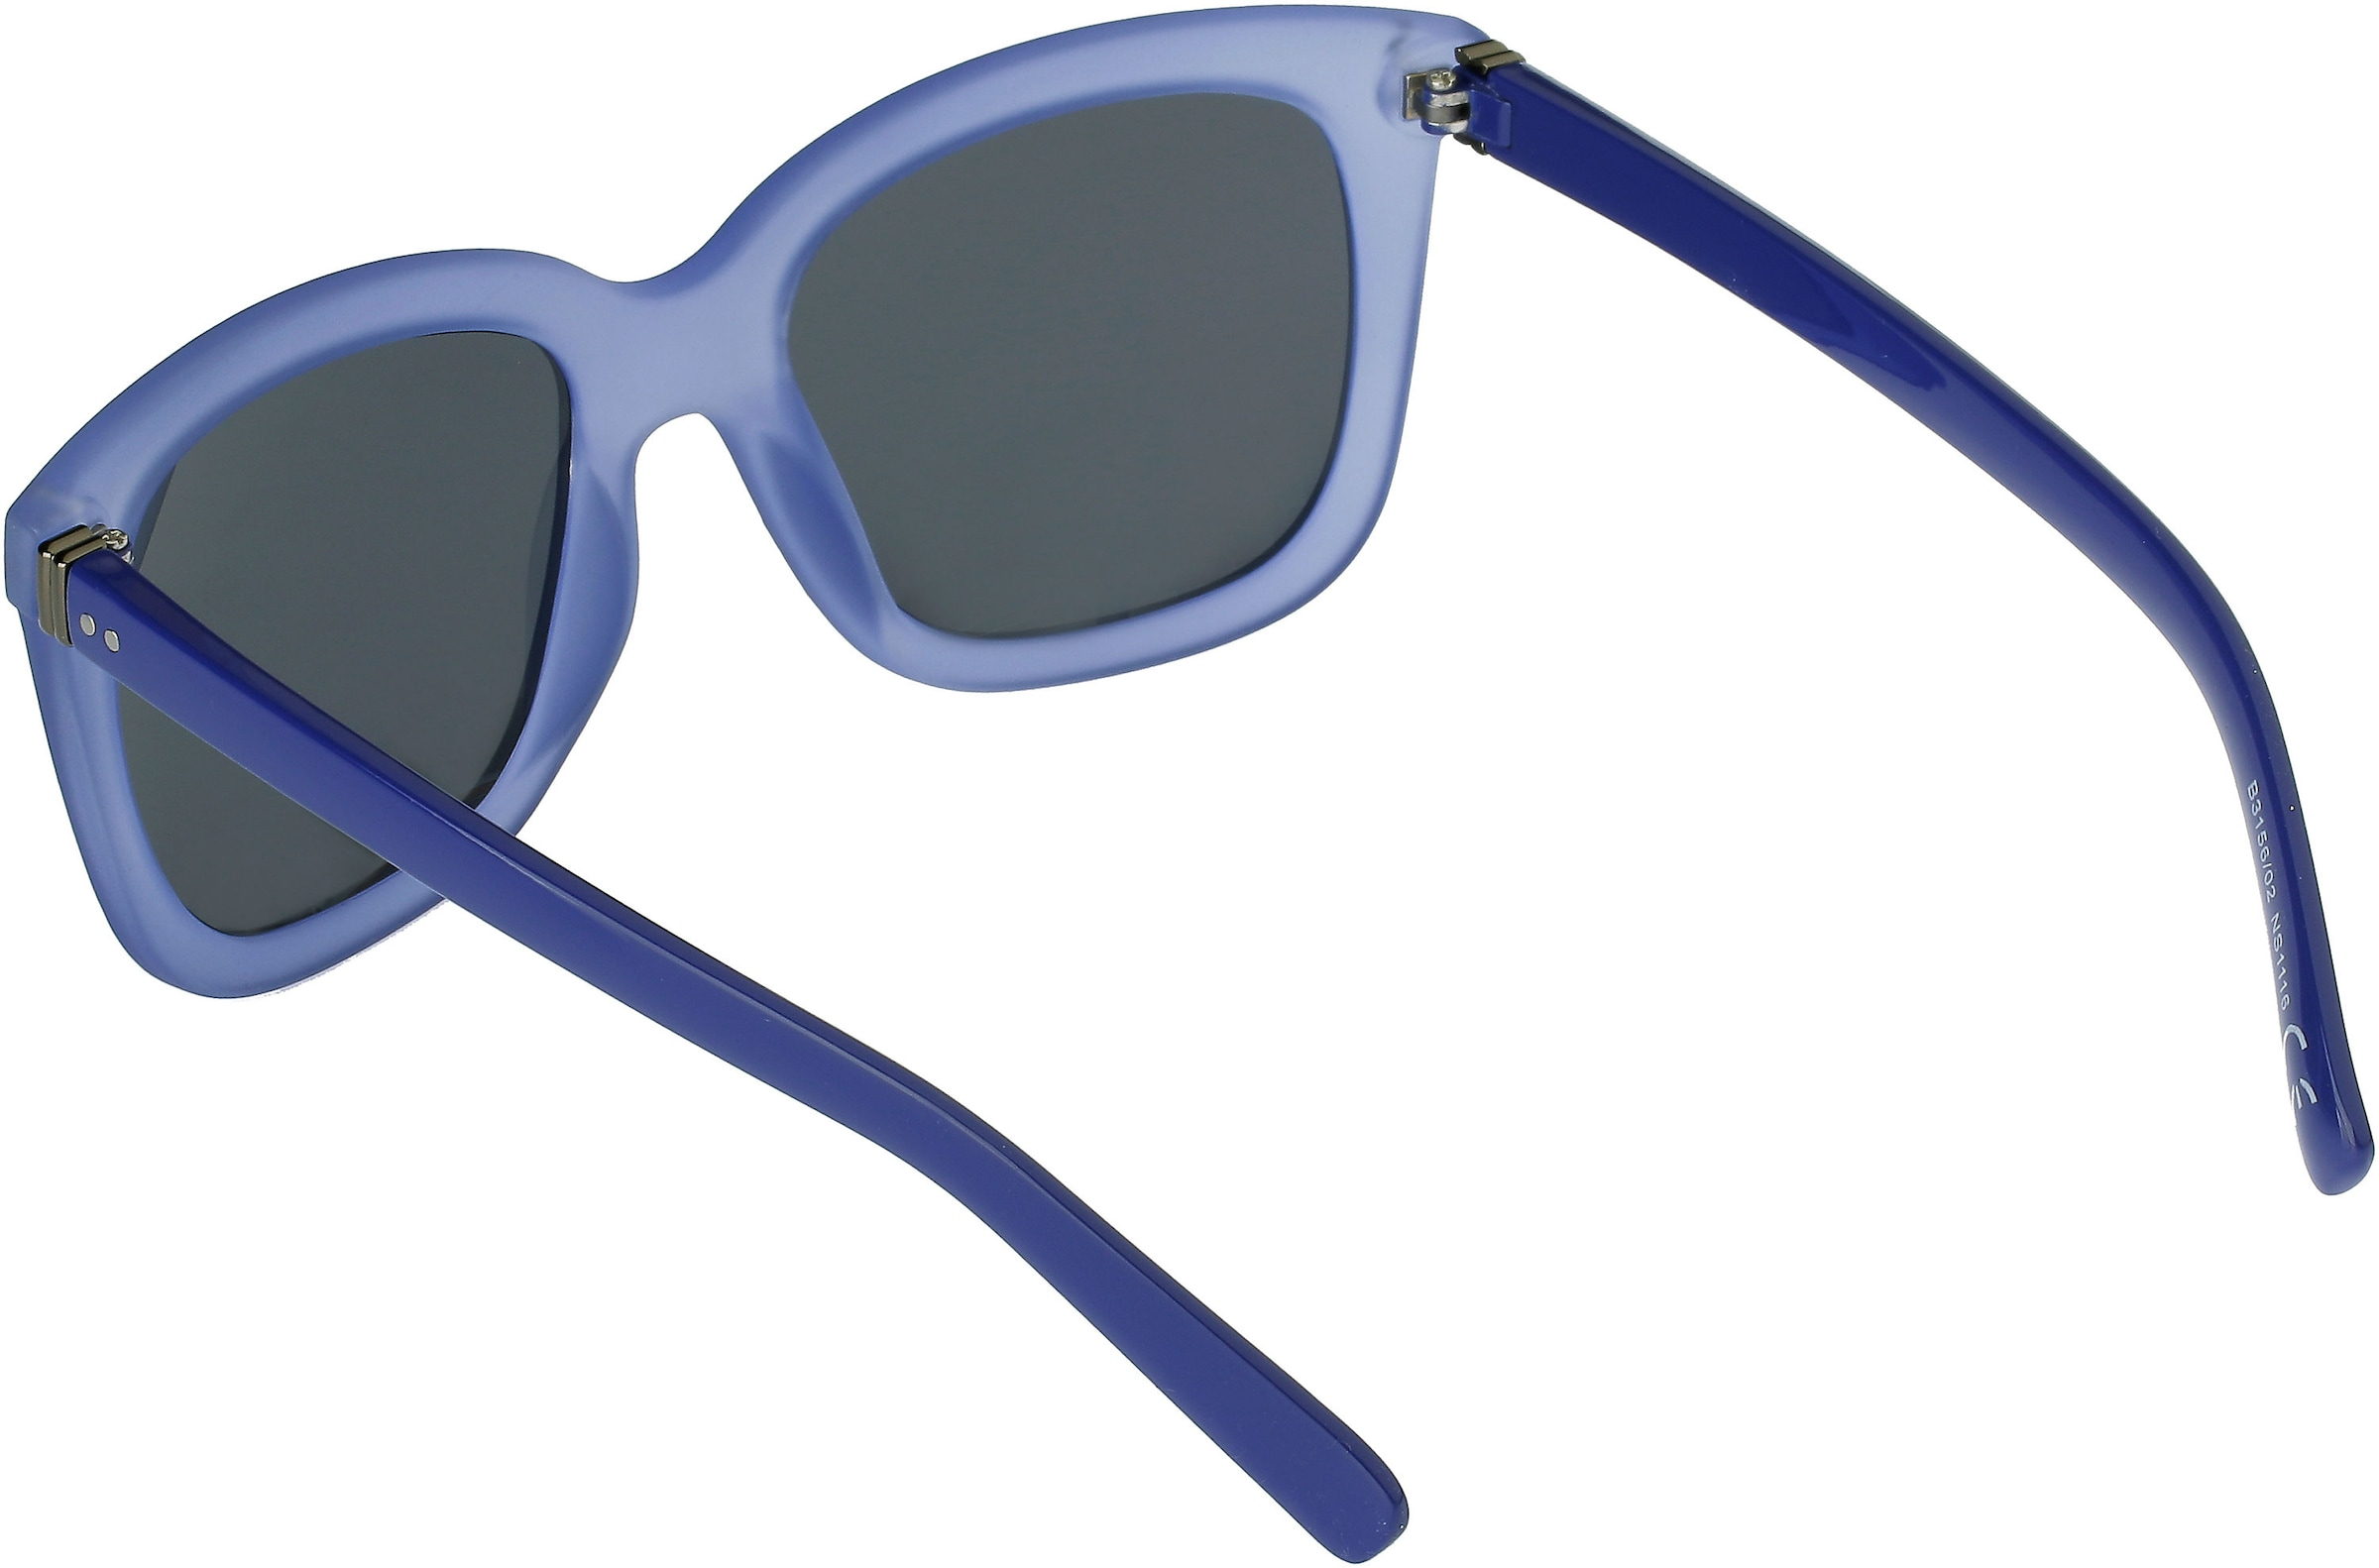 Günstig Kaufen Wahl MAUI WOWIE Sonnenbrille 'B3156/02' Bestes Geschäft Zu Bekommen Online-Shopping-Original Auslass Ausgezeichnet HVRxiZ7vl